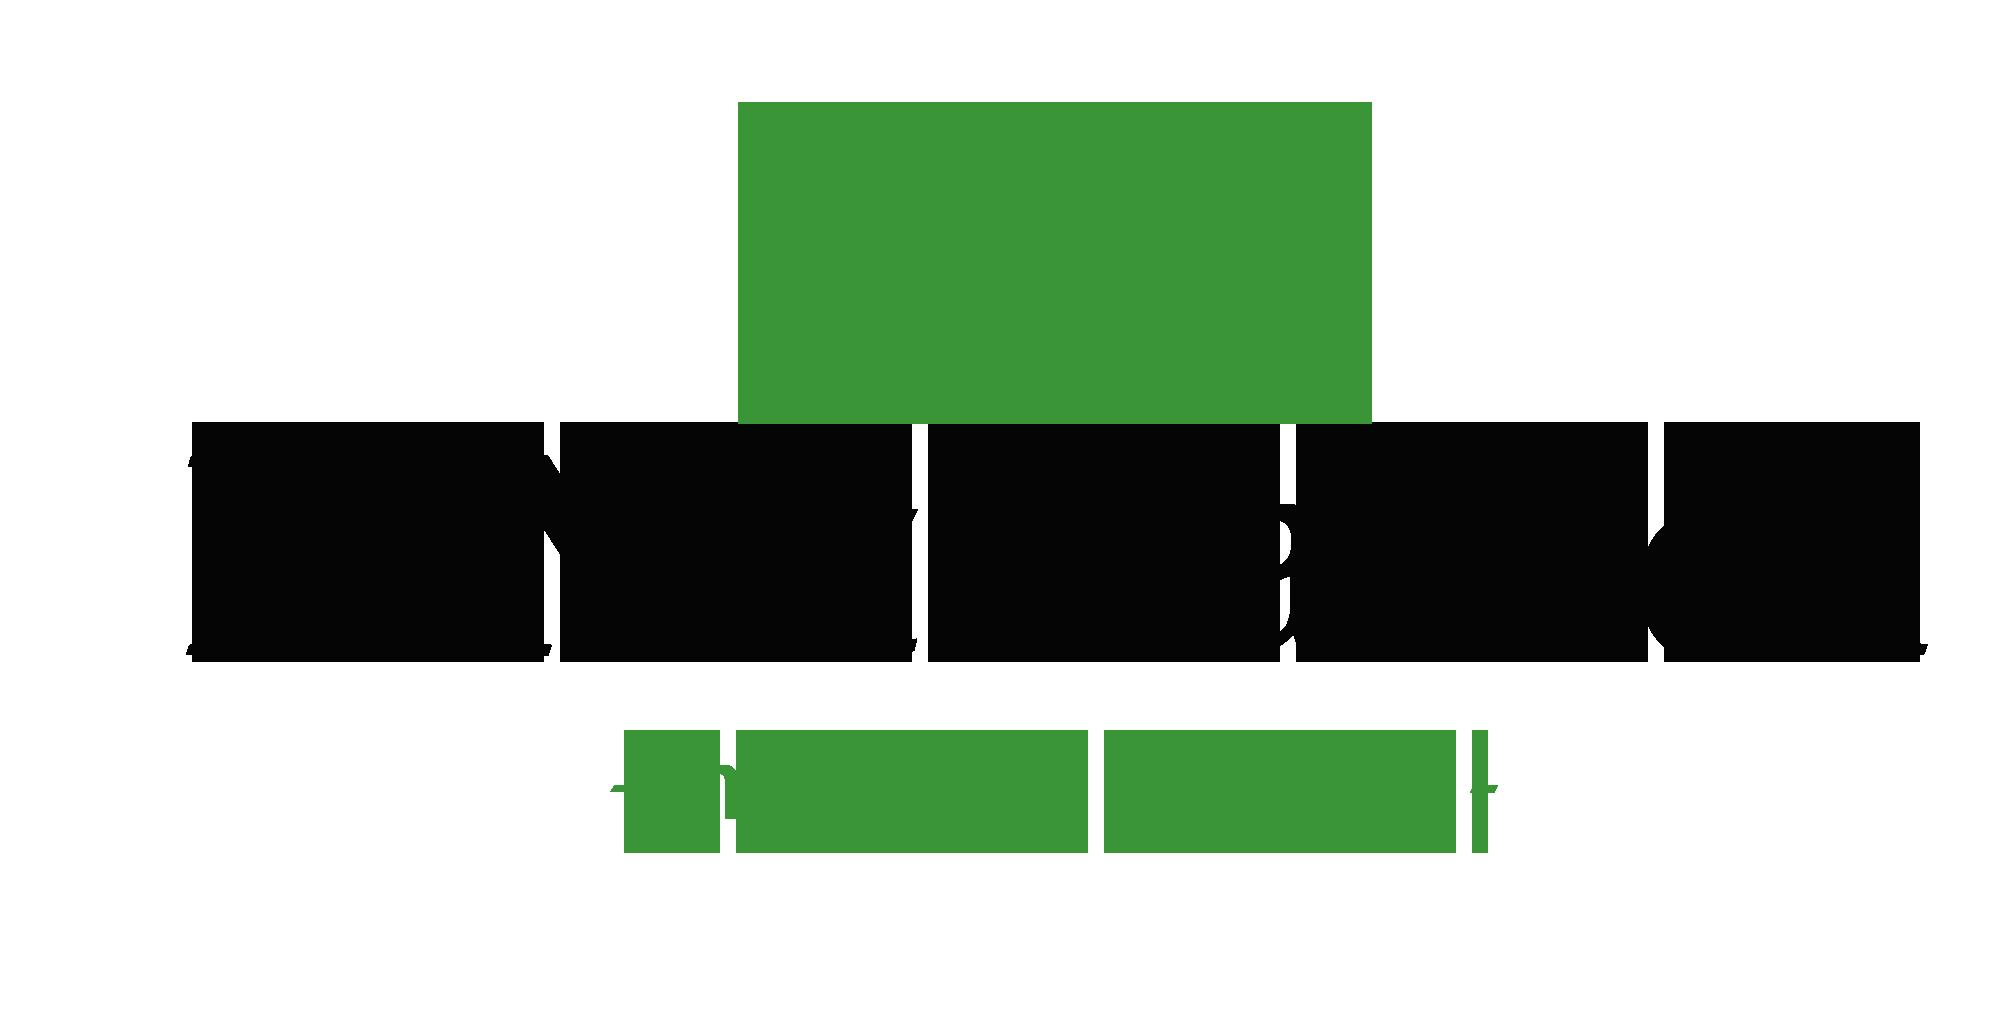 Tienda de productos saludables. Frutas, verduras y artículos ecológicos